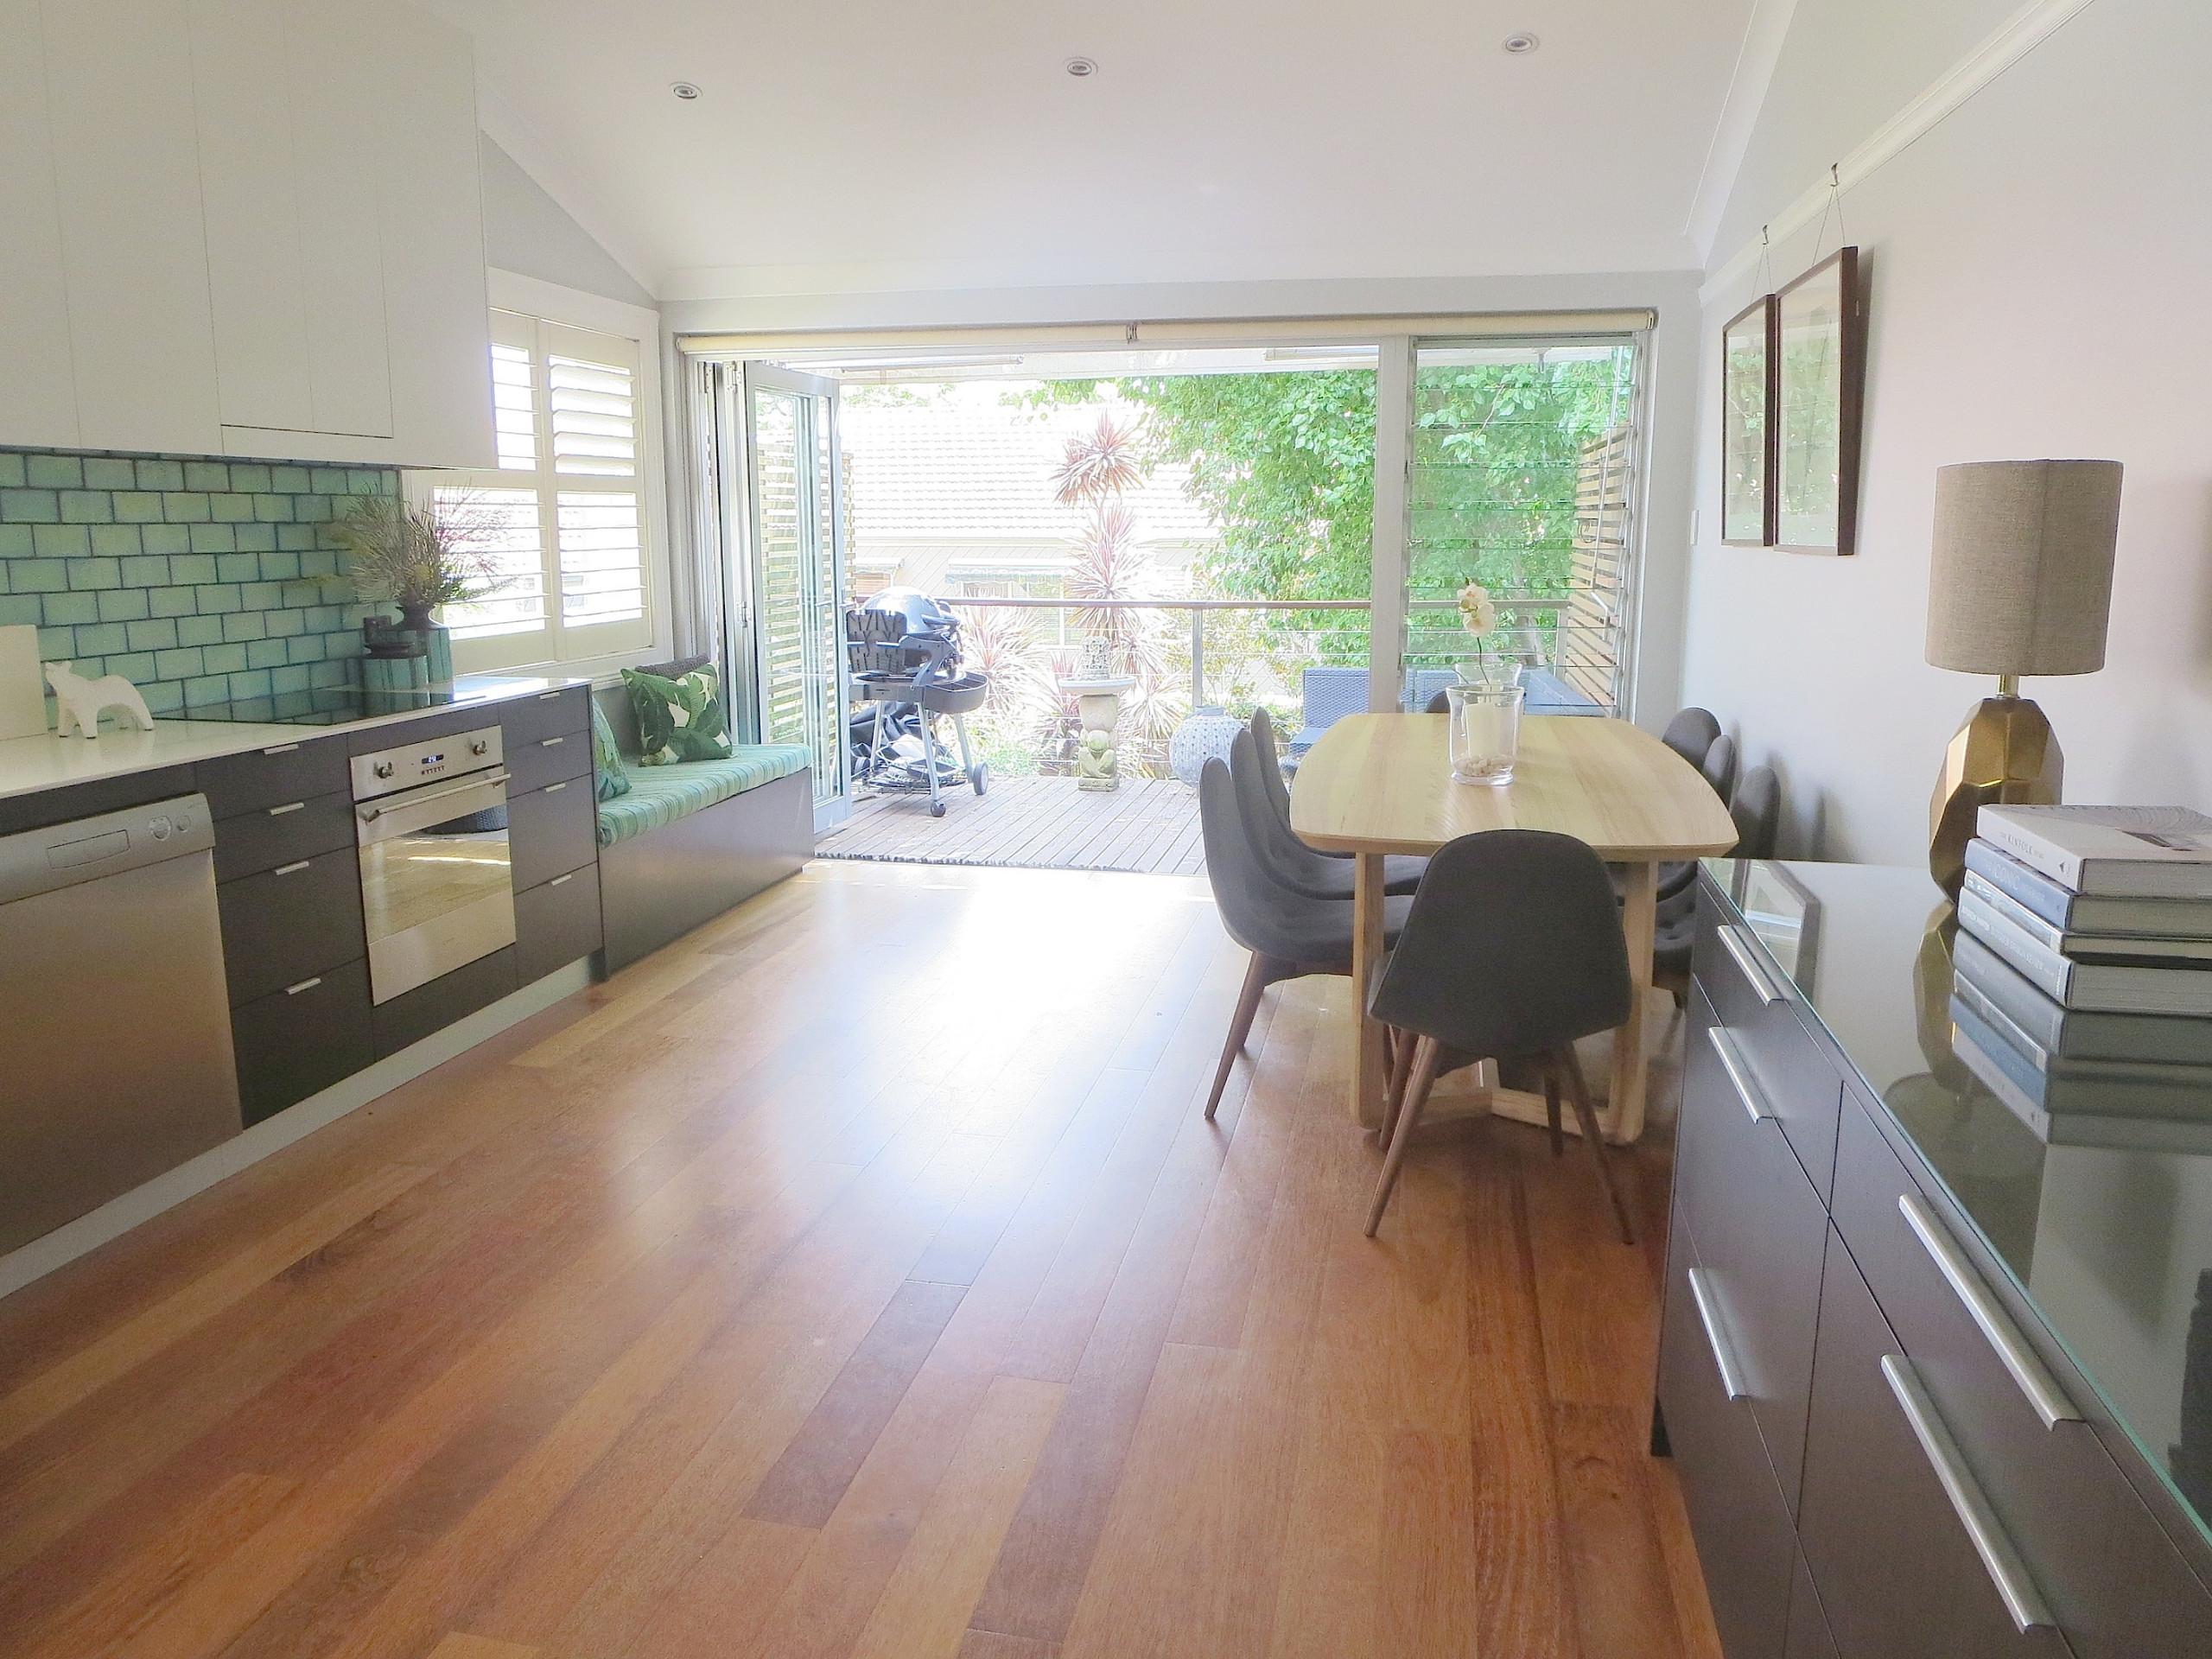 Kitchen/Dining - Residence - Crows Nest, Sydney